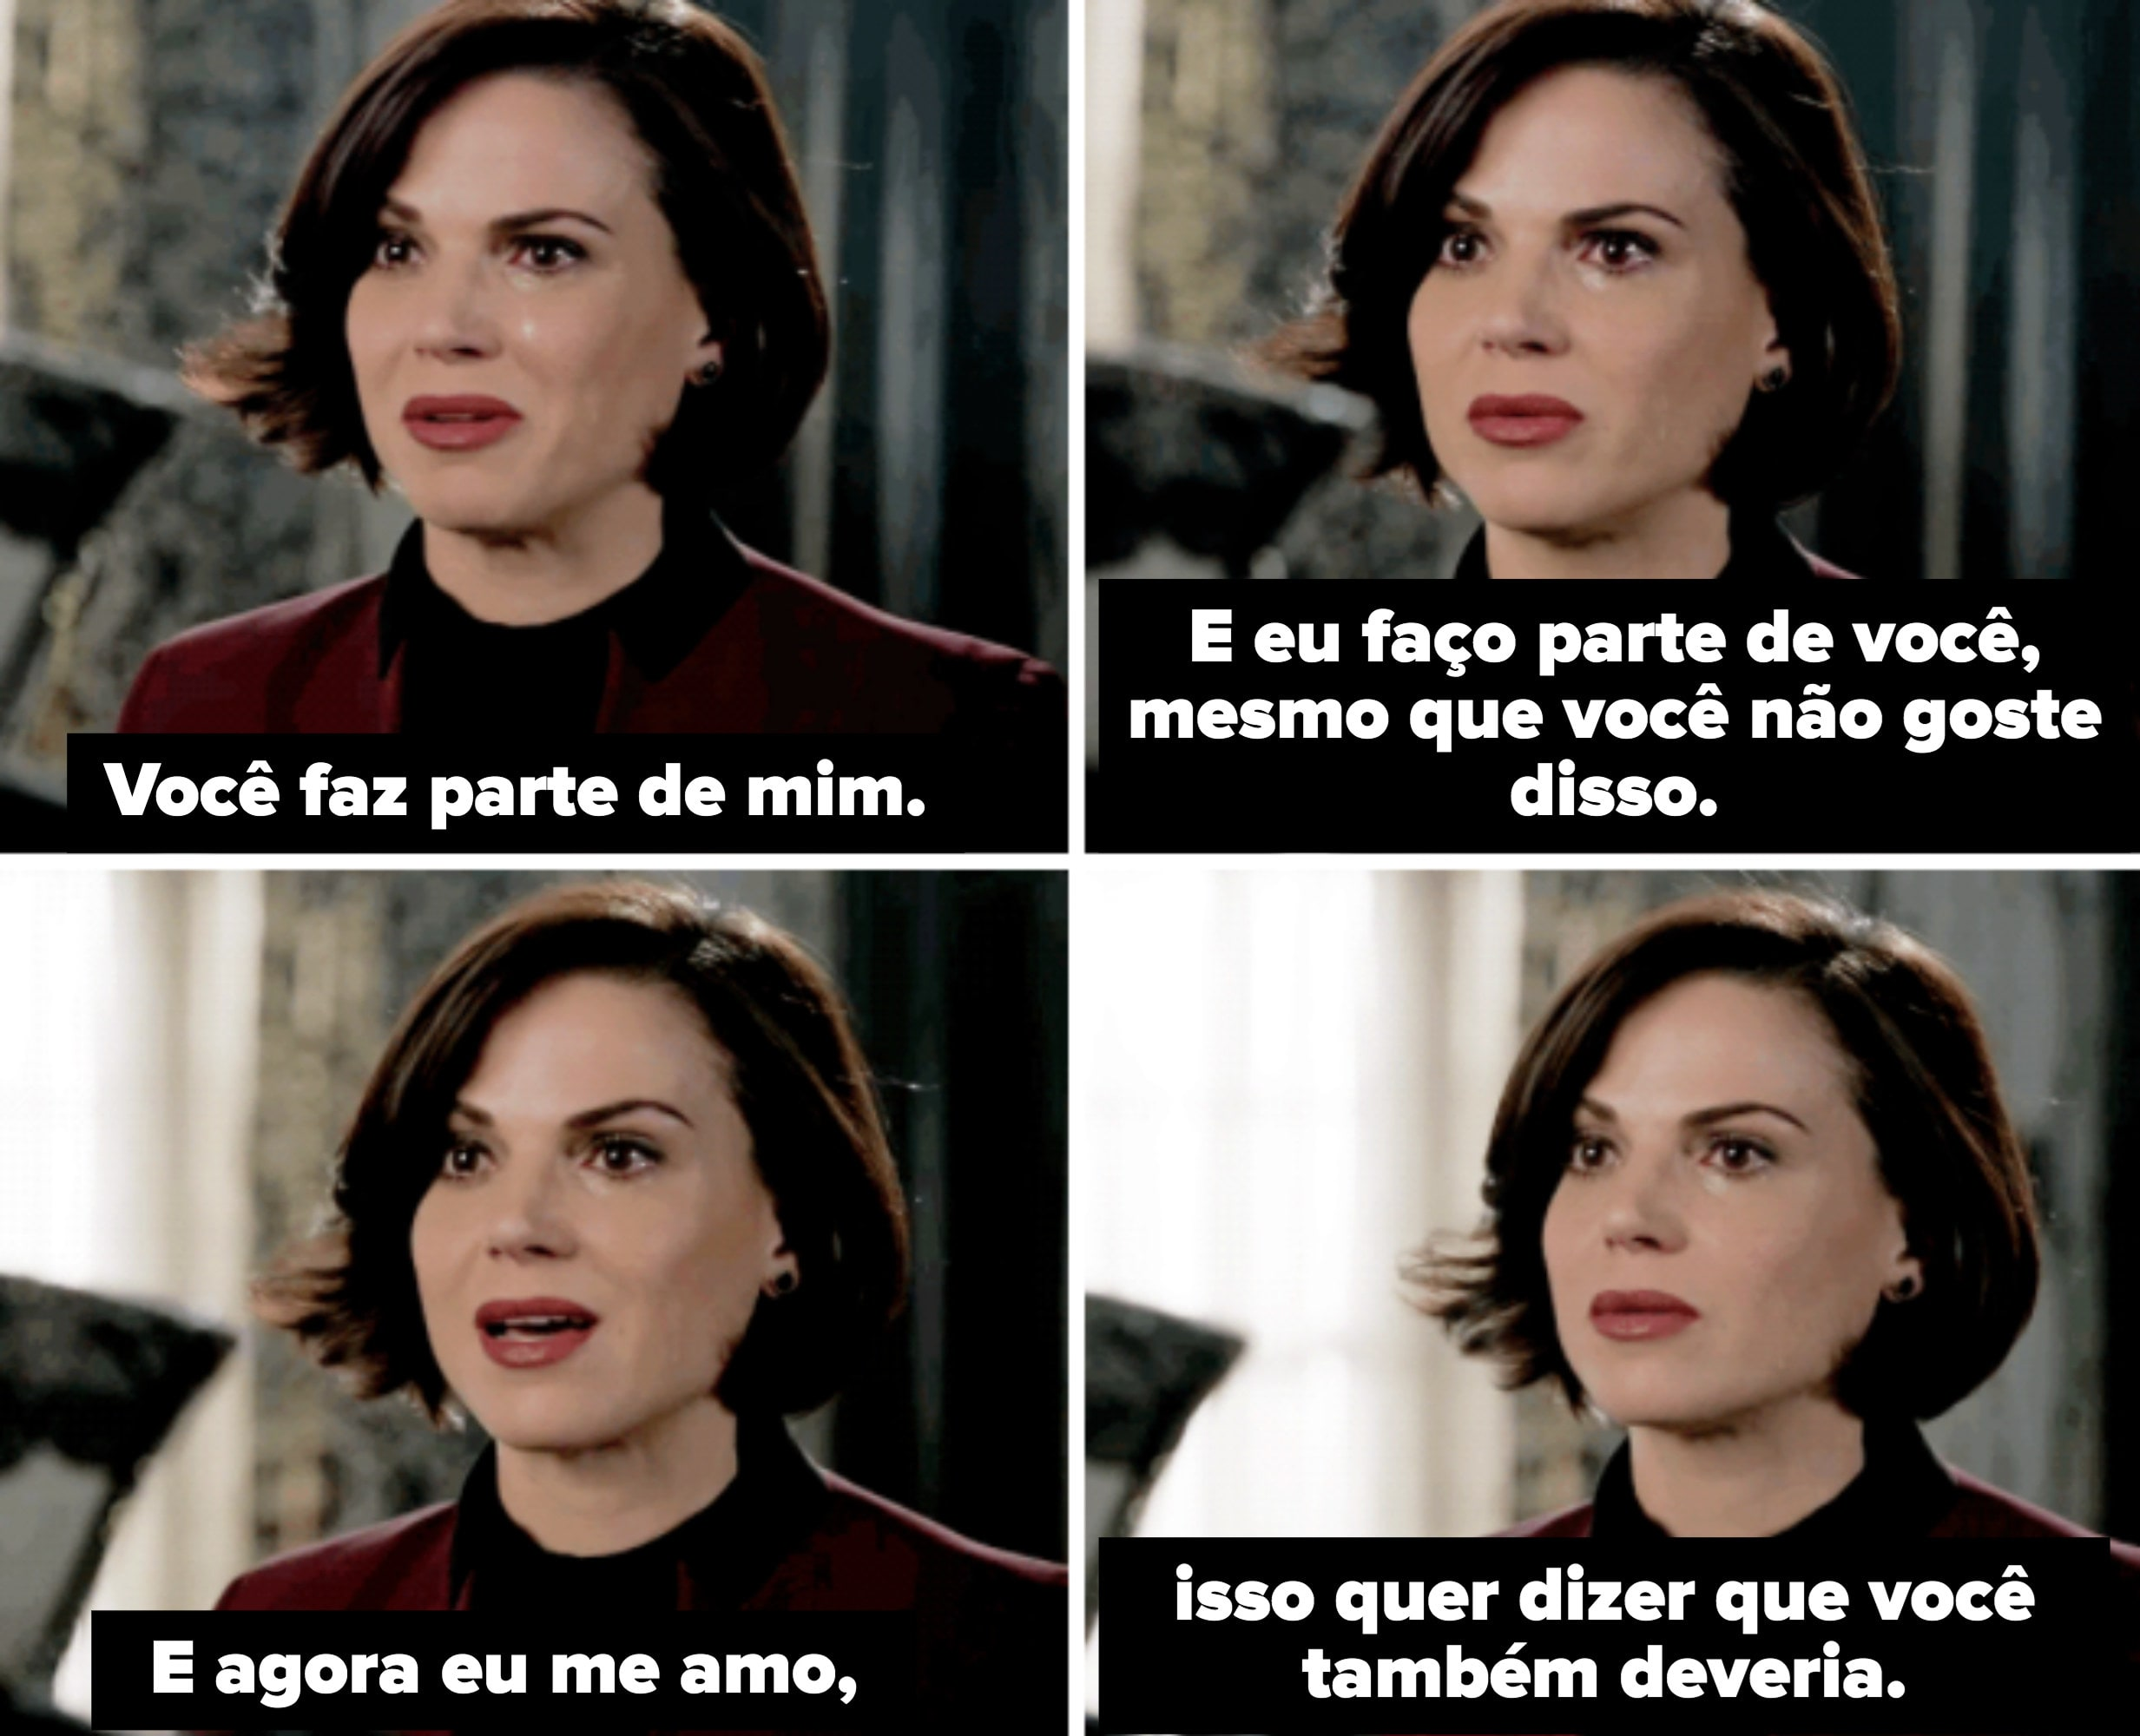 Regina falando para si mesma o quanto ela se ama.